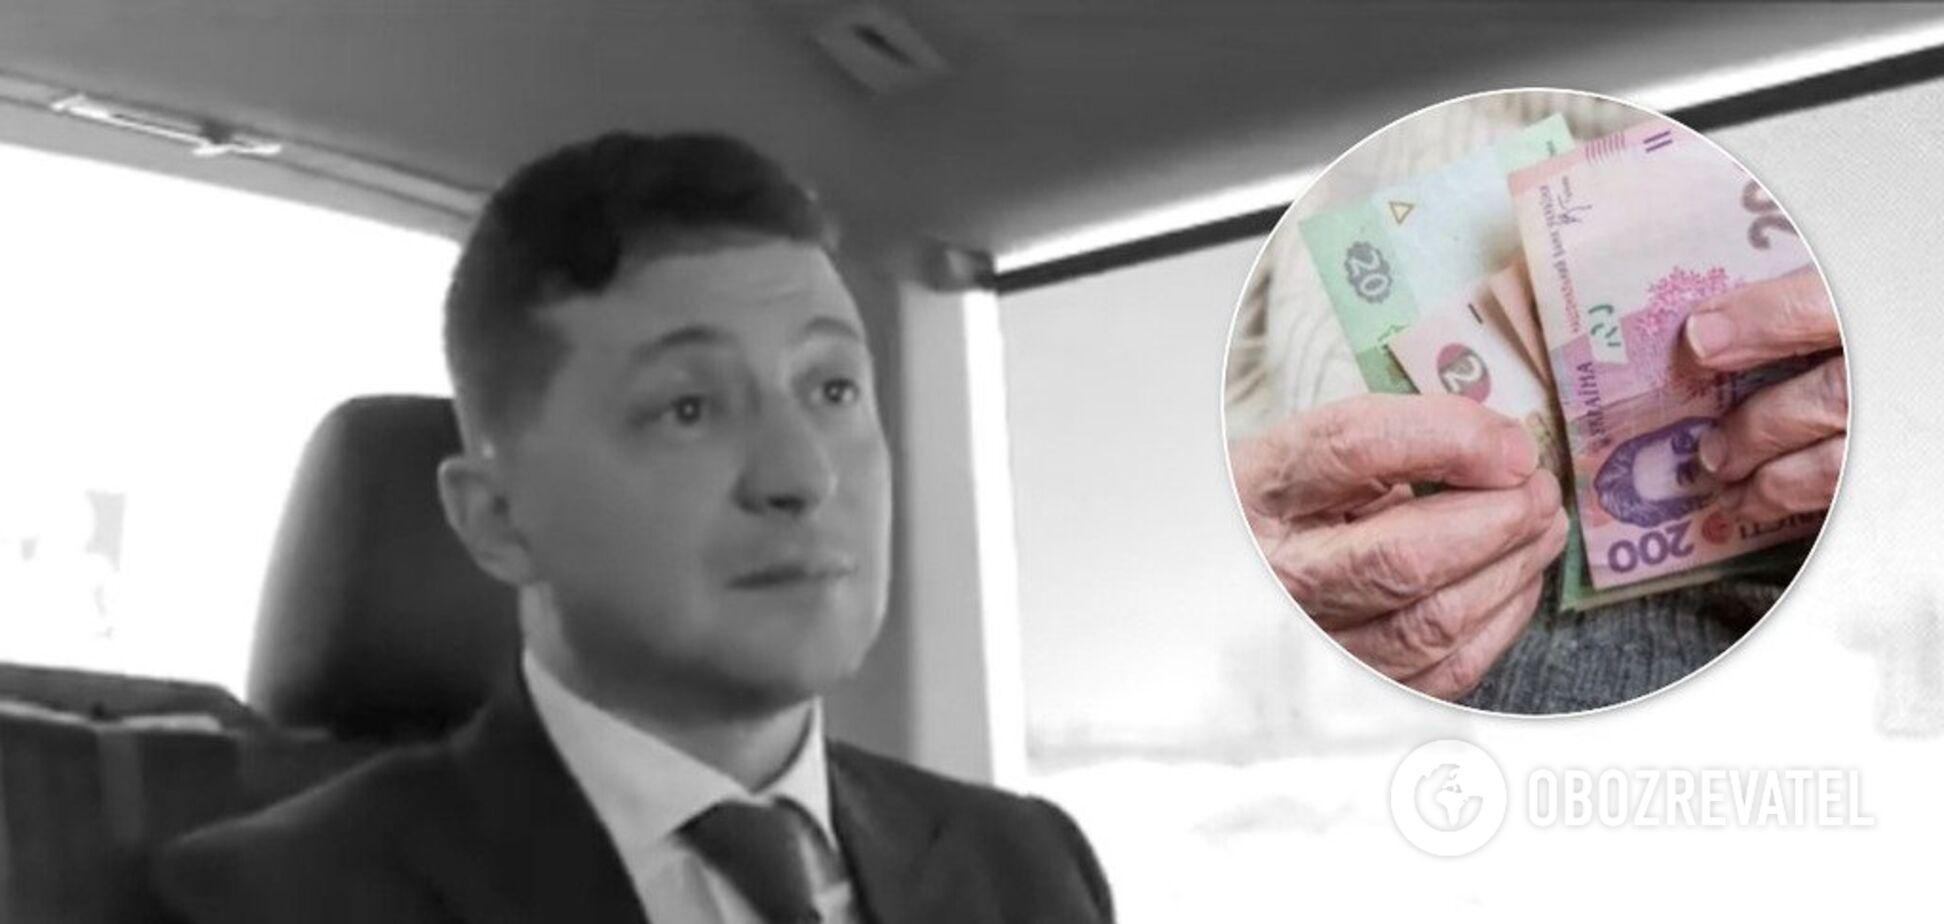 Новый пенсионный возраст в Украине: для кого ужесточат требования в 2020-м